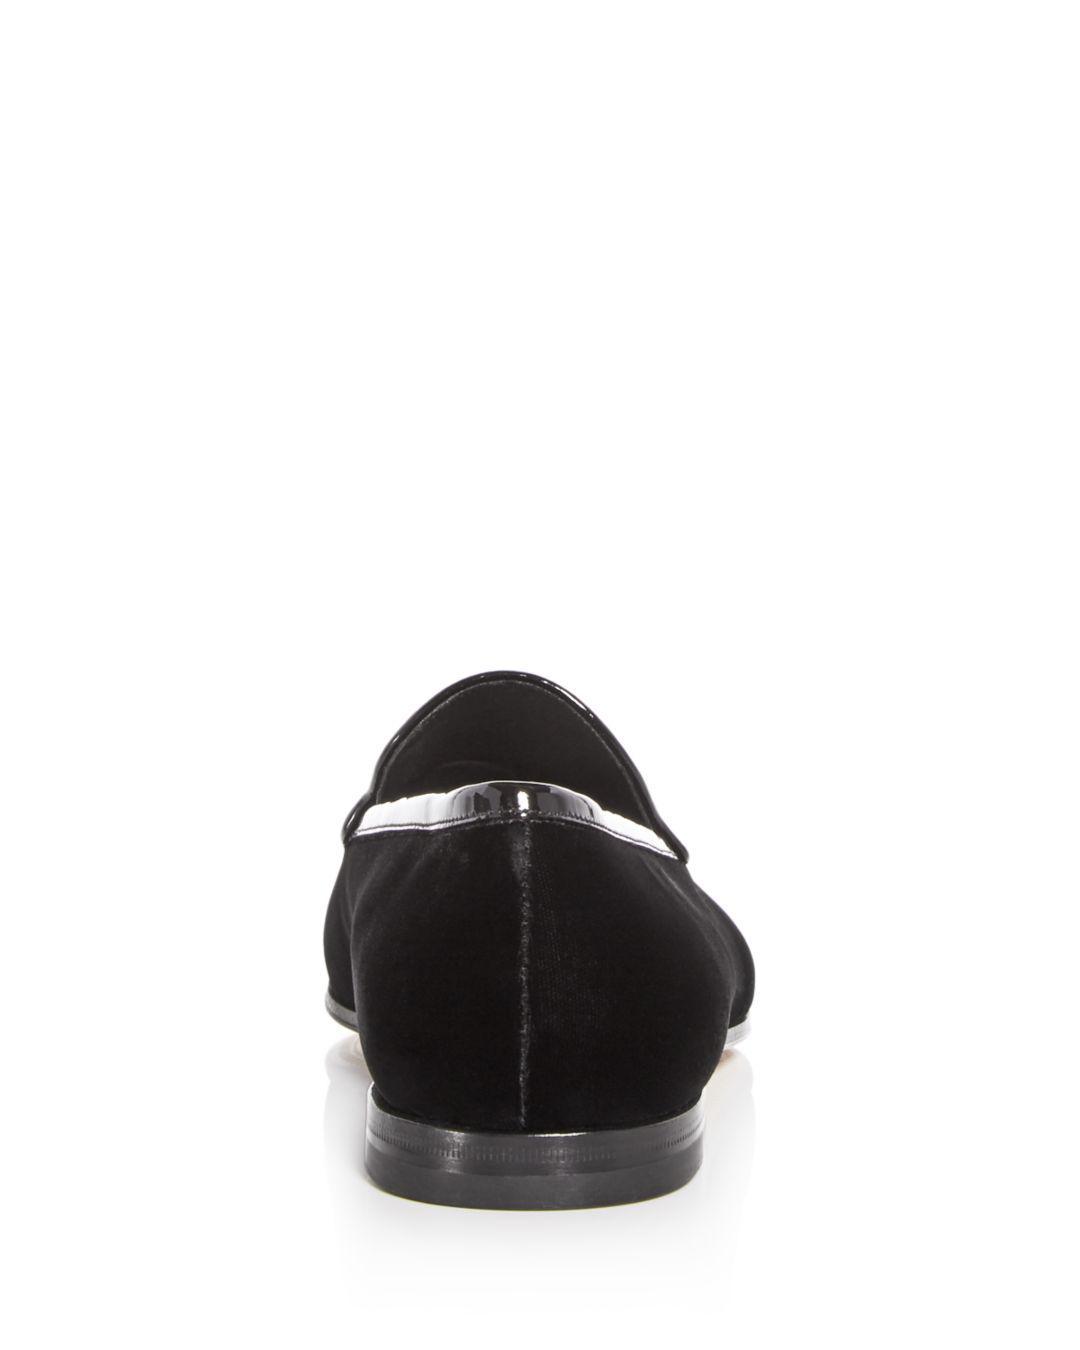 Ferragamo Velvet Boy 2 Loafer in Nero (Black) for Men